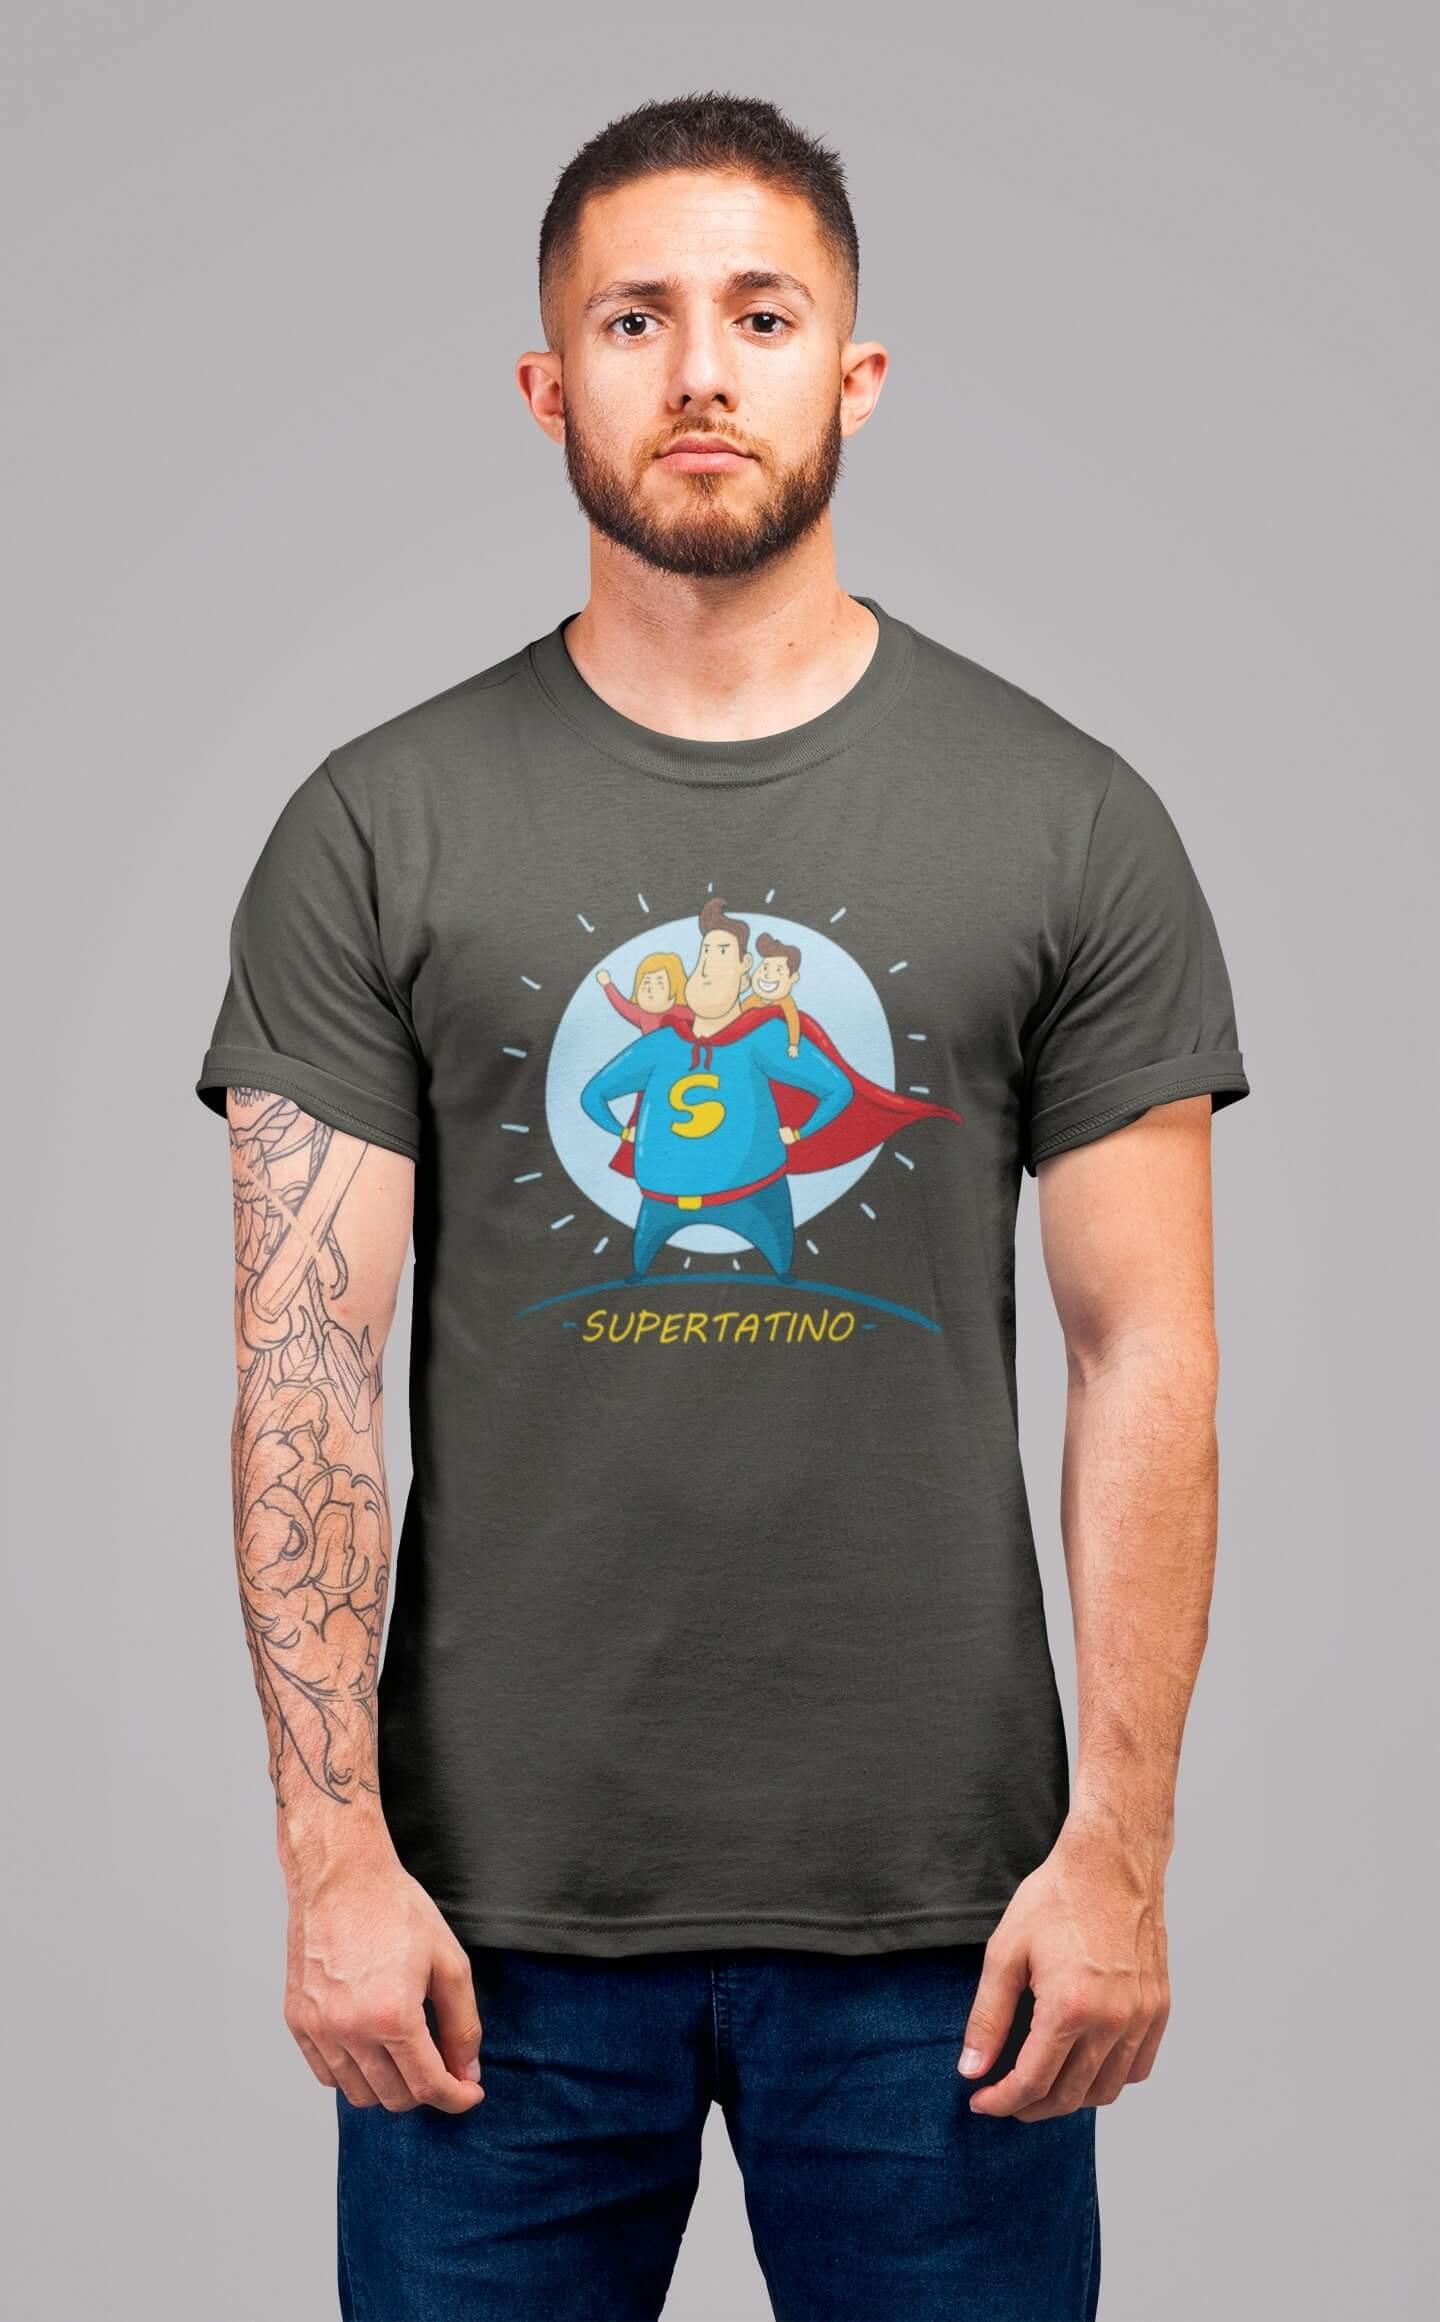 MMO Pánske tričko SUPERTATINO Vyberte farbu: Tmavá bridlica, Vyberte veľkosť: XL